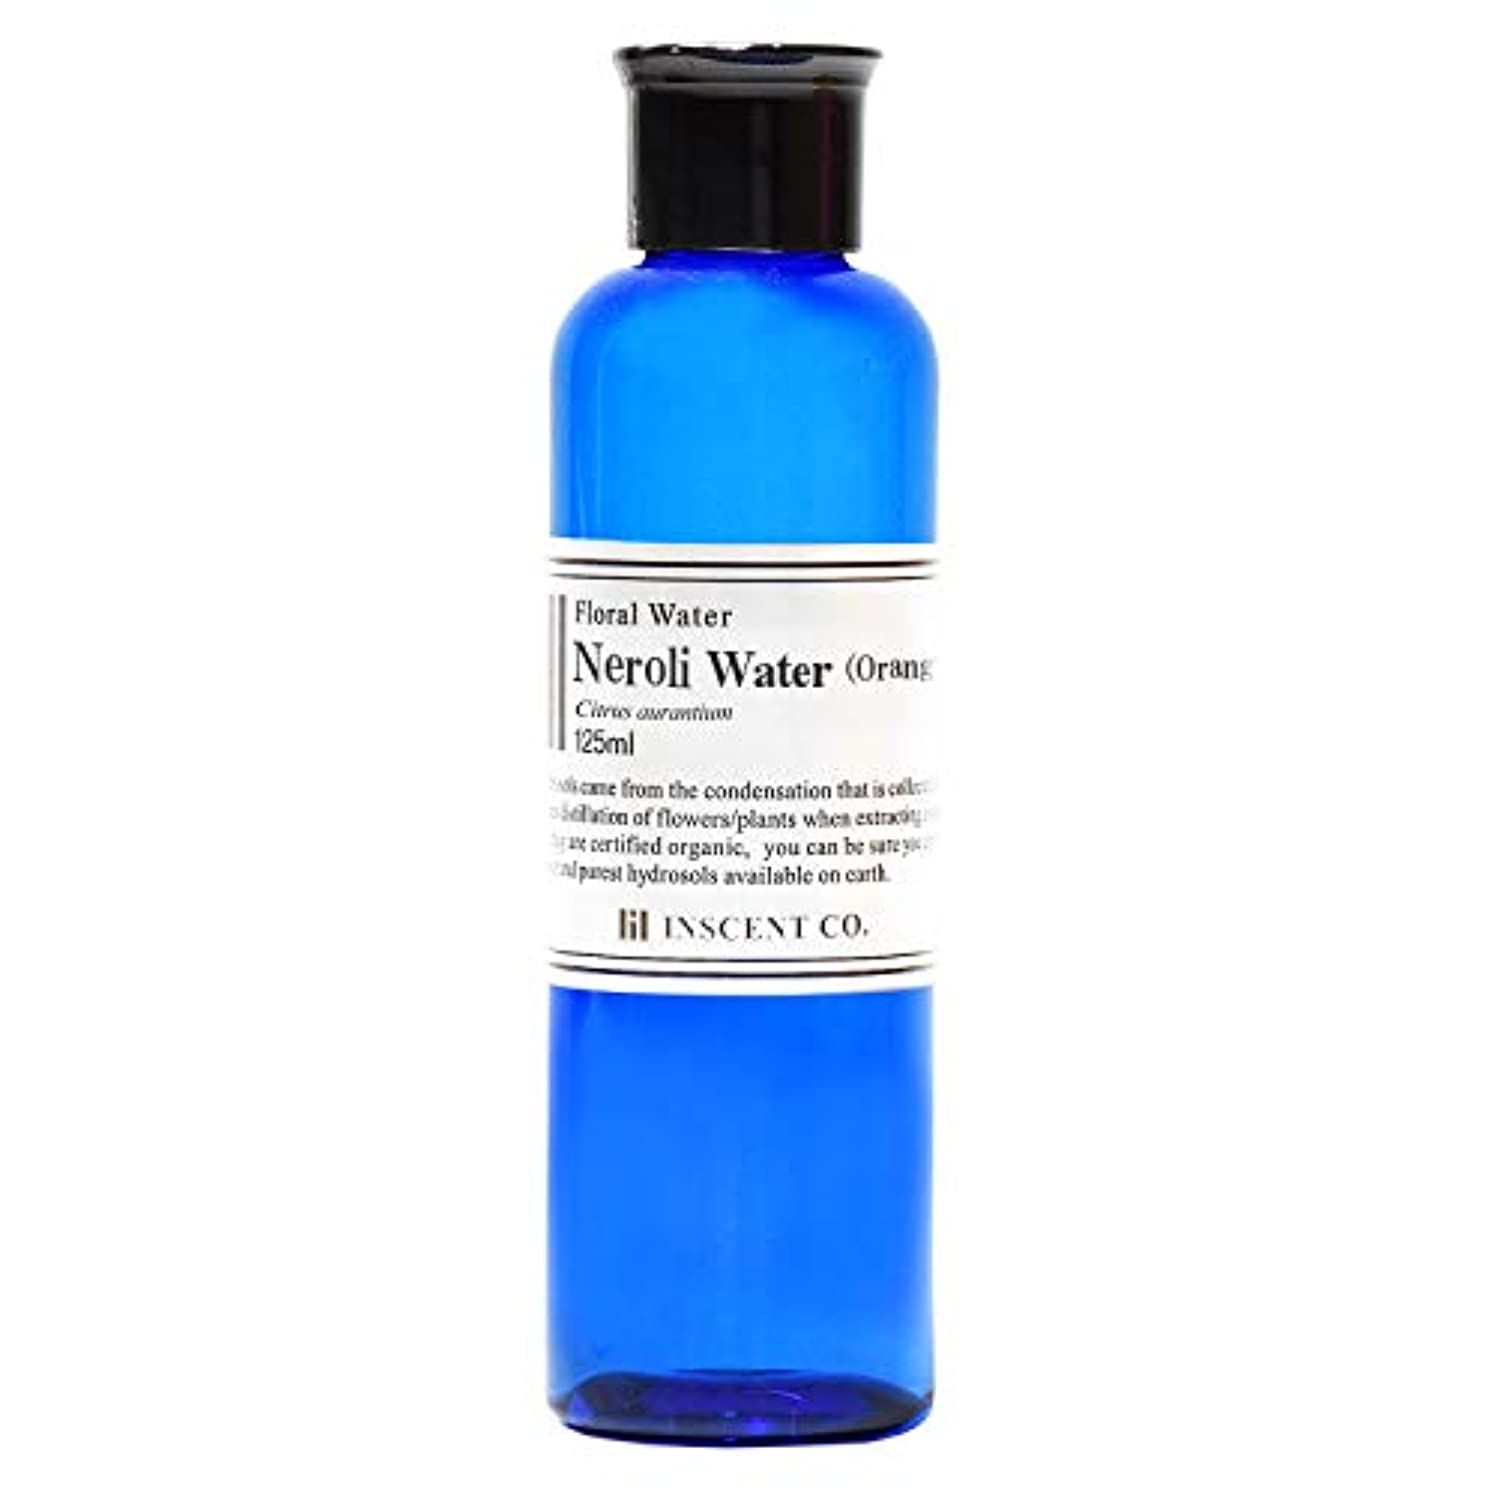 重々しいアナリストフェミニンフローラルウォーター ネロリウォーター (オレンジフラワーウォーター) 125ml (ハイドロゾル/芳香蒸留水)